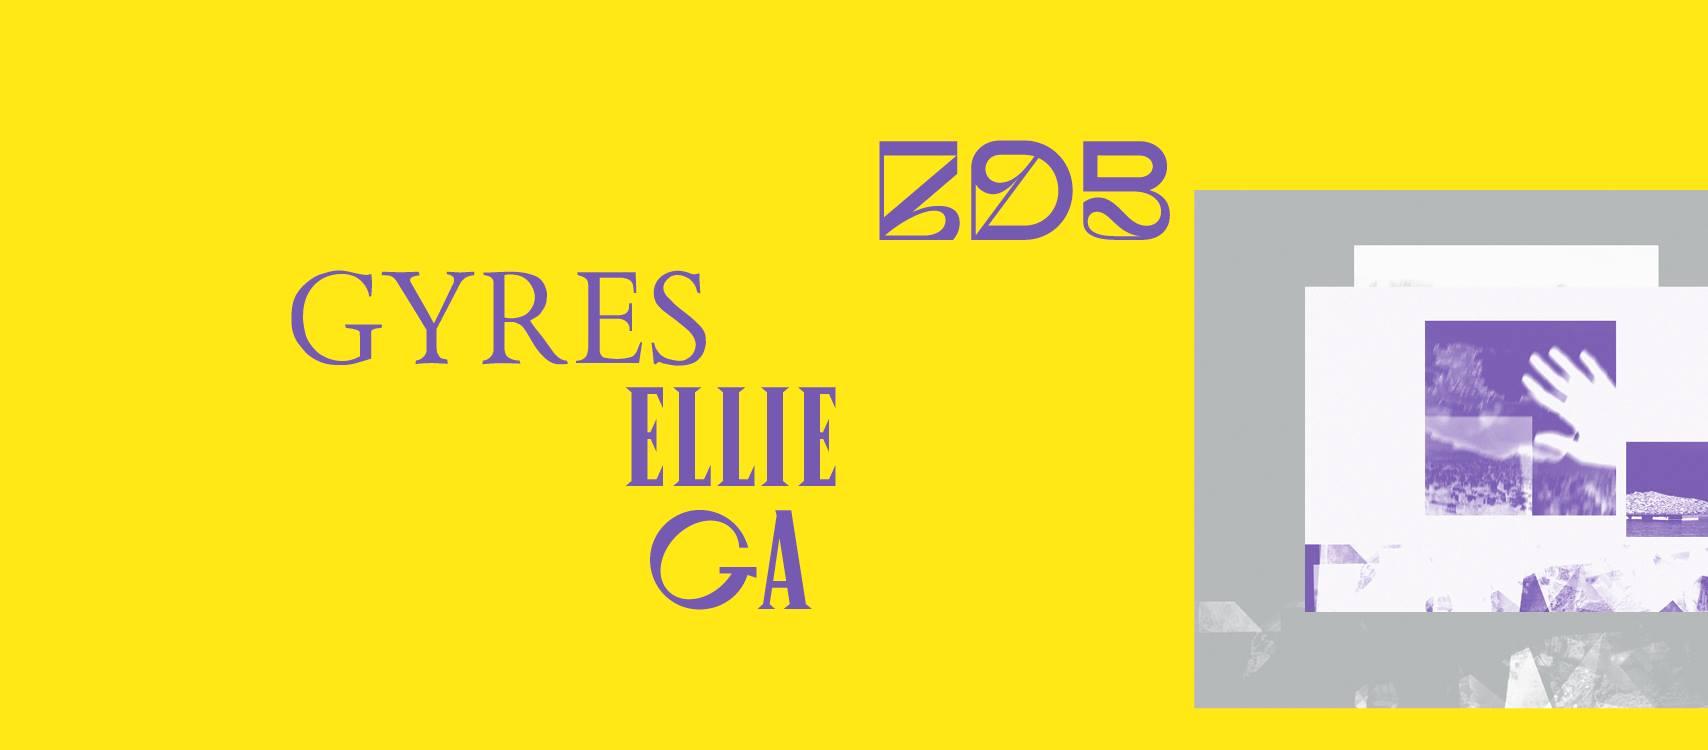 Gyres ⟡ Exposição de Ellie Ga ⟡ ZDB